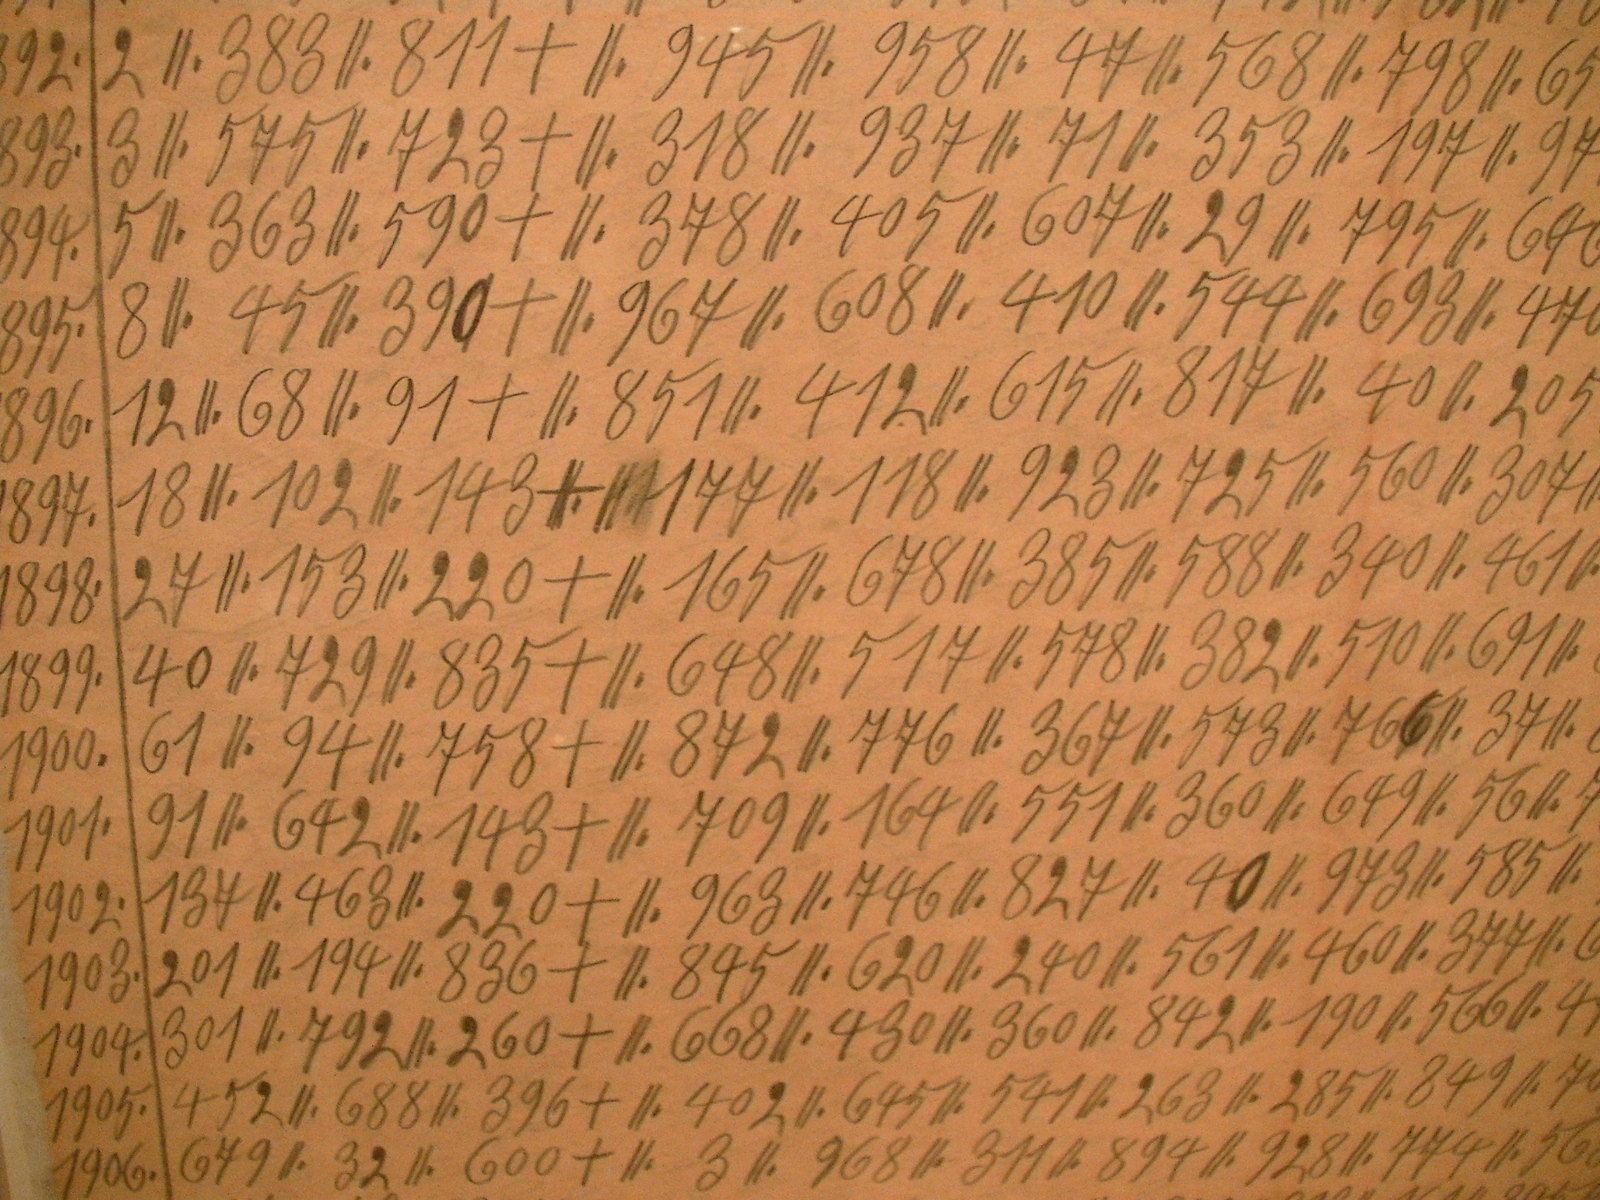 シオン=ウォーター=フォール(部分)1914(『地理と代数の書』第12冊 211-212)